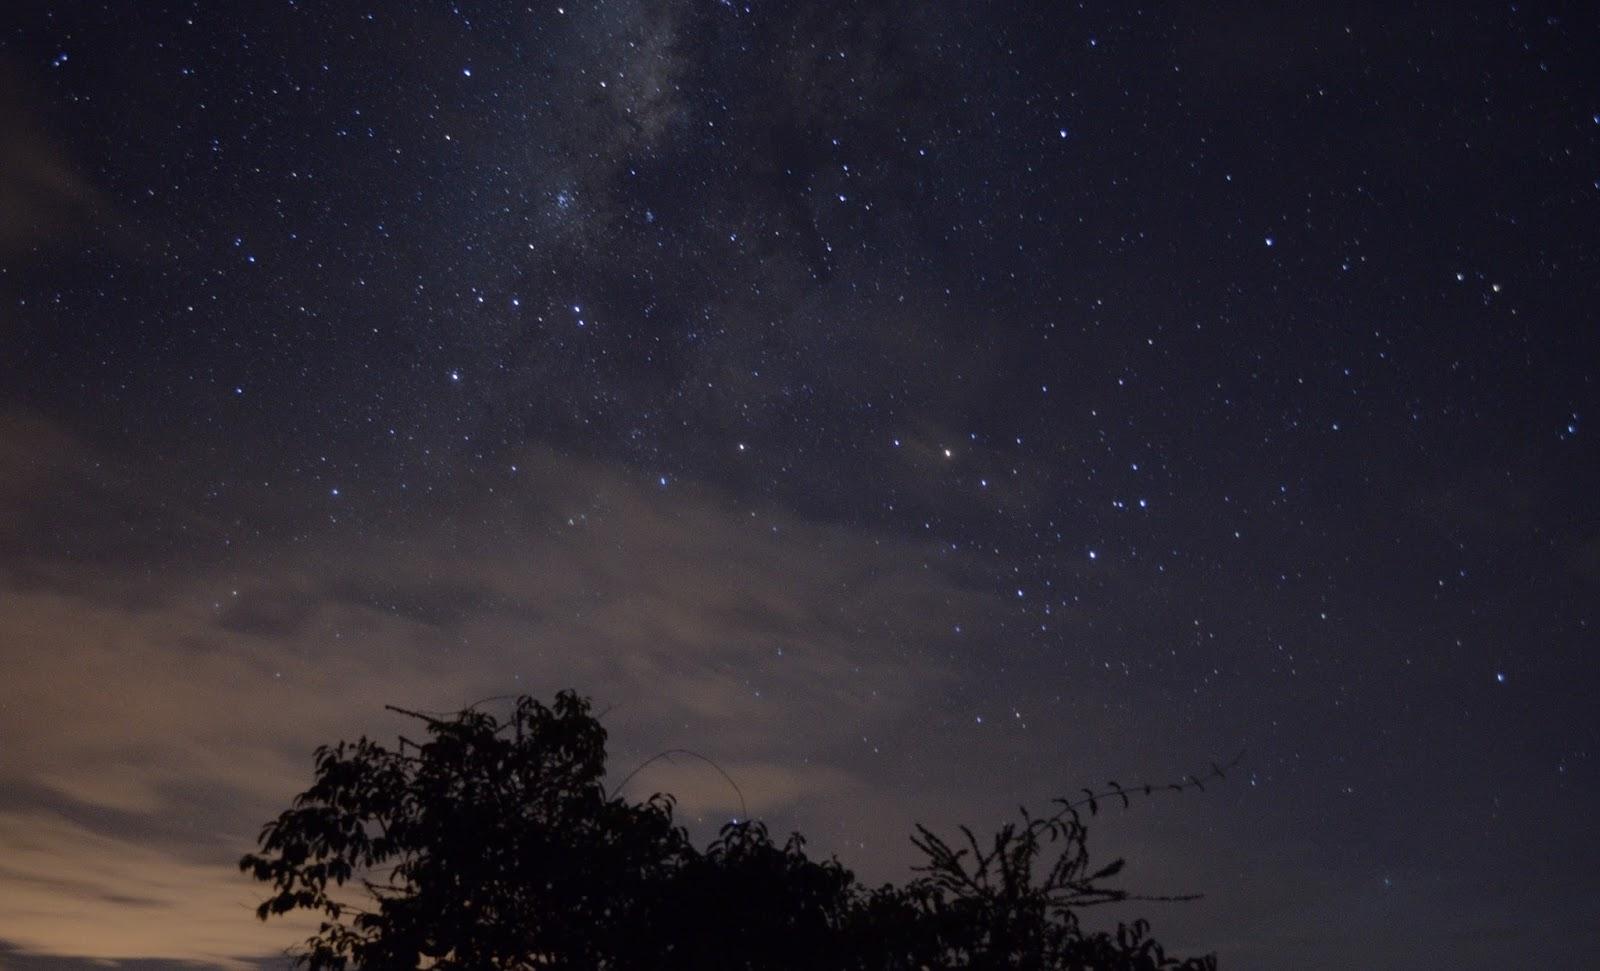 Astrofotos Colombia: Desierto de la Tatacoa - Escorpión Timelapse